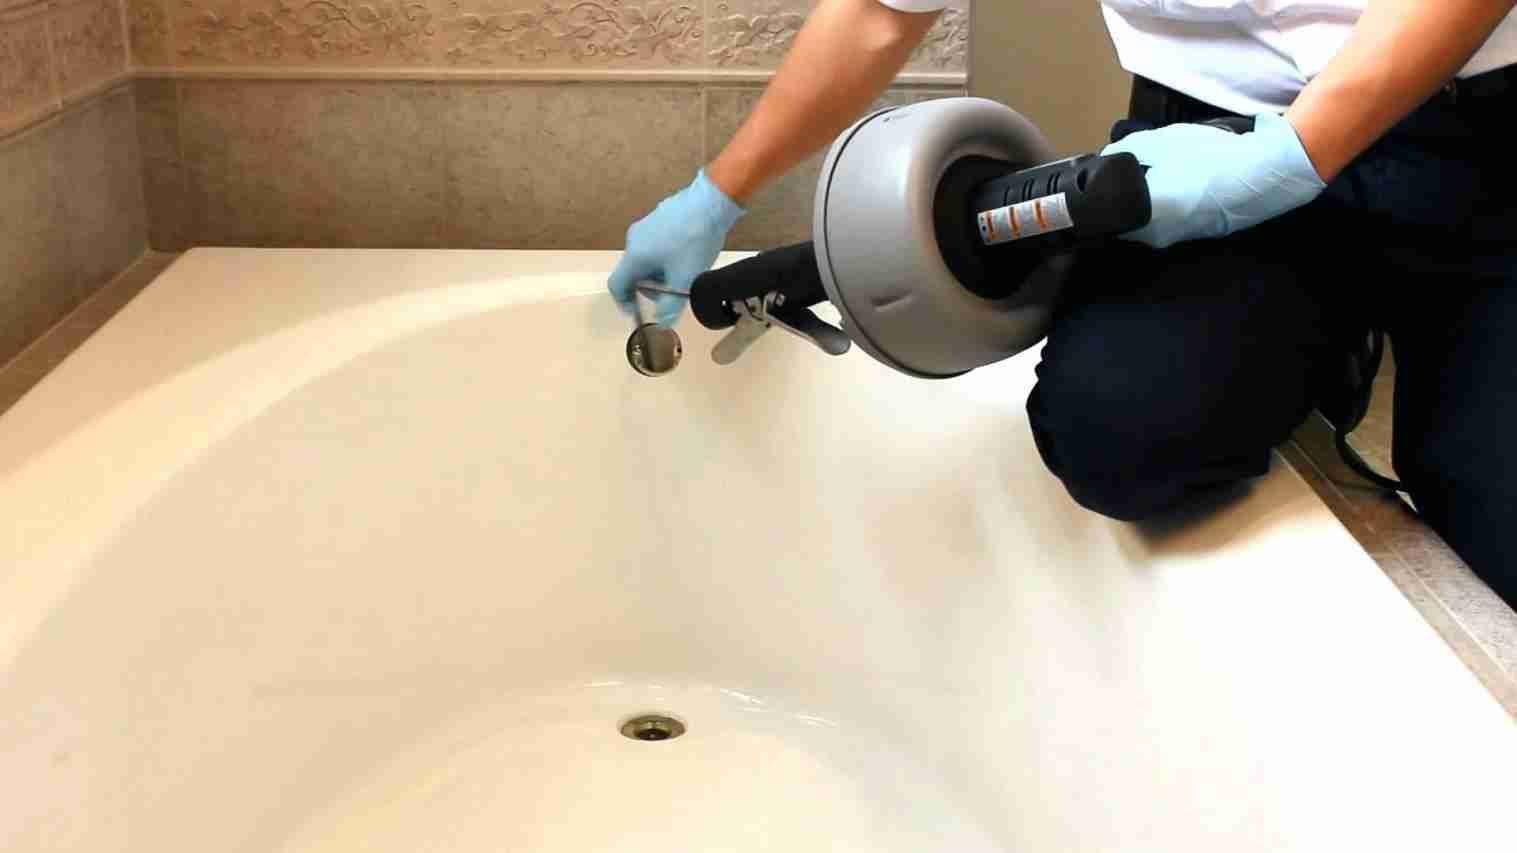 How To Unclog A Bathtub Drain Tips, Unclog A Bathtub Drain Naturally, Unclog  A Bathtub Drain ~ Home Design